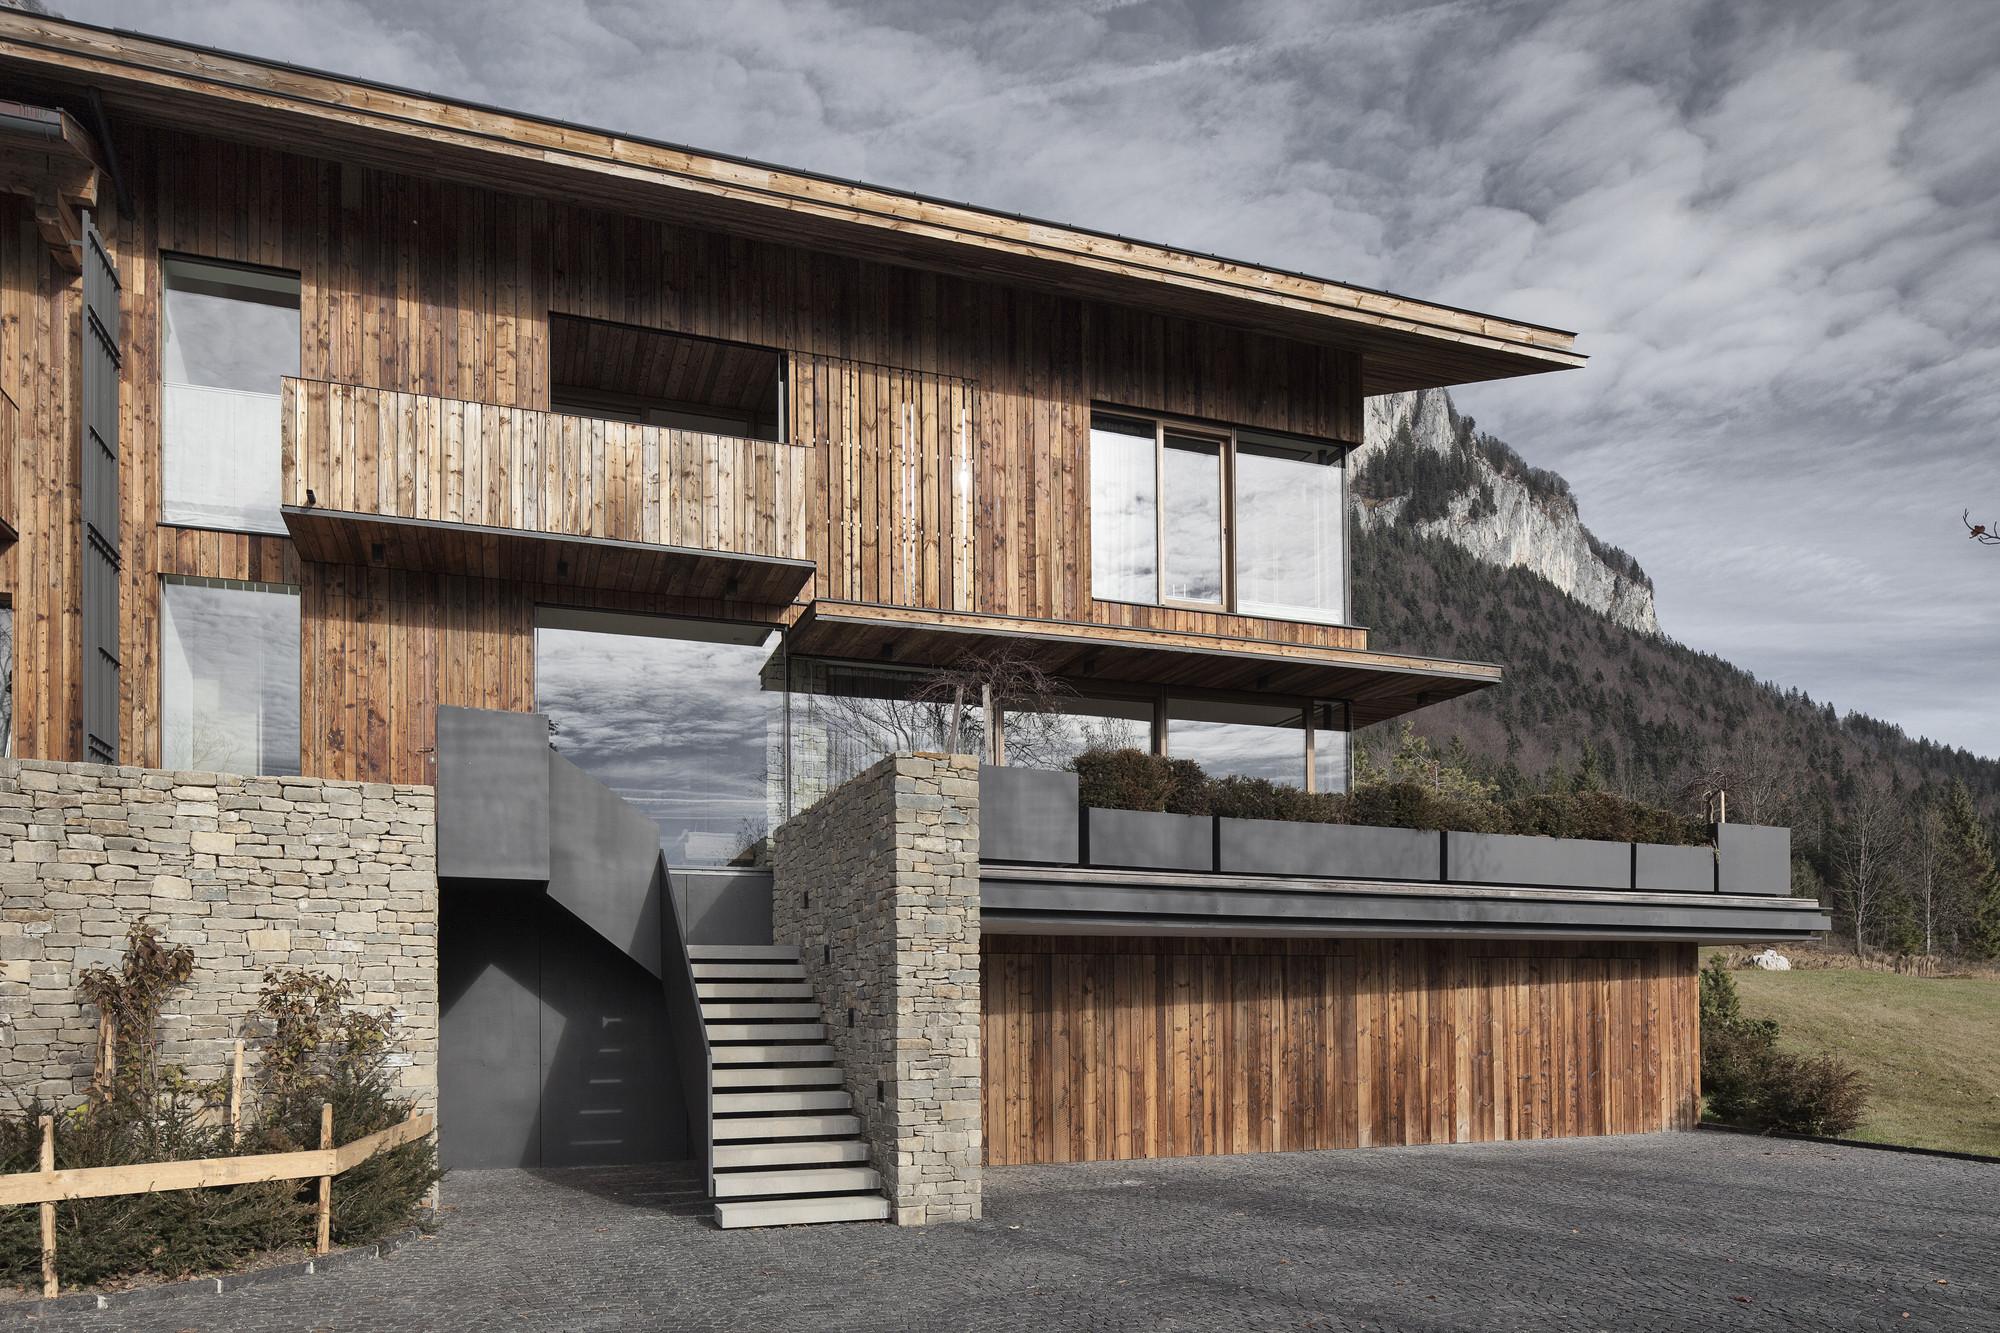 Gallery of haus wiesenhof gogl architekten 7 for Departamentos arquitectura moderna